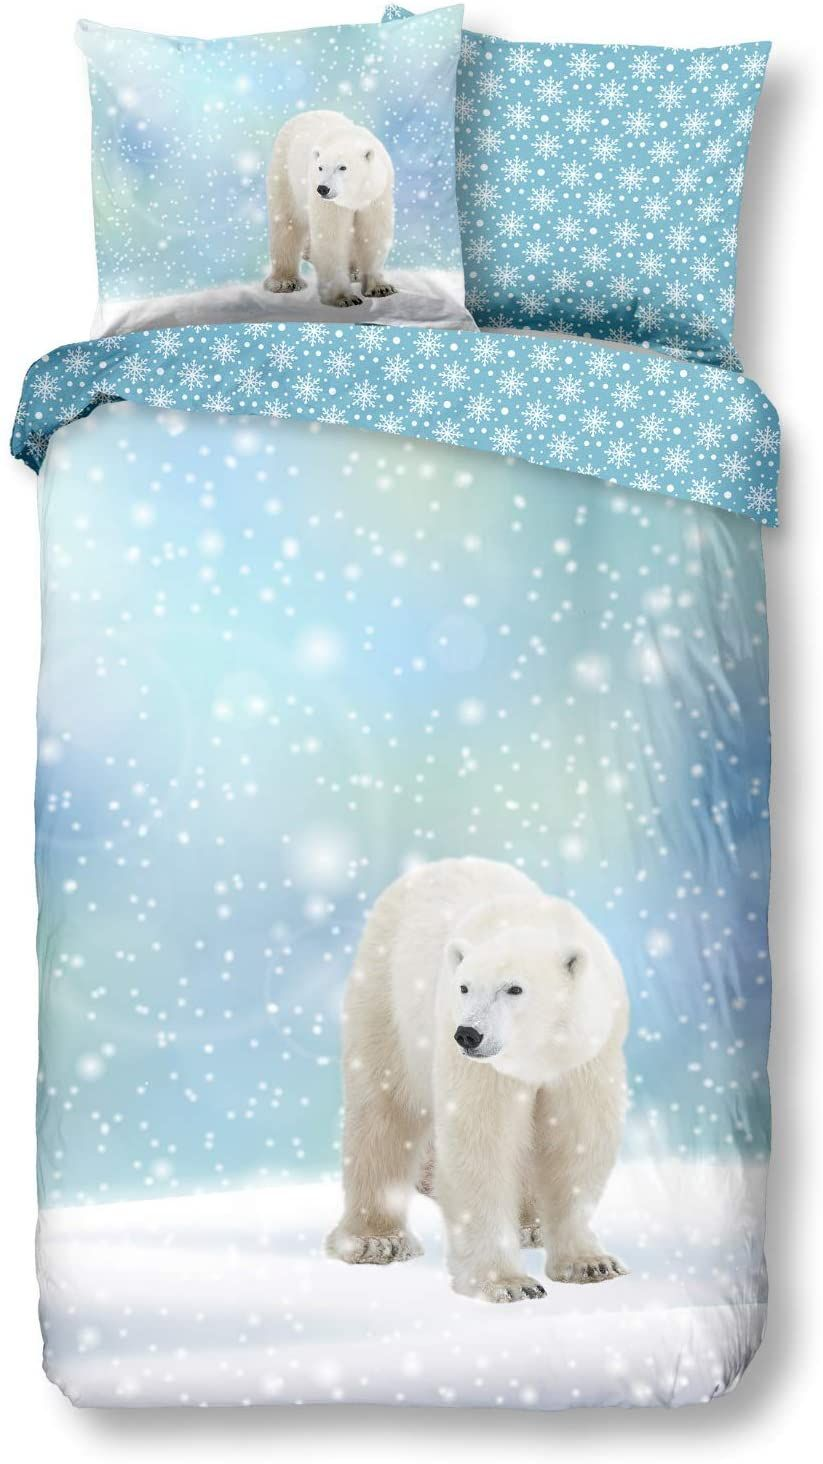 Aminata Kids Premium Biber Bettwäsche Eisbär 135x200 Cm 80x80 Cm Baumwolle Reißverschluss Kinderbettwäsche Mit Wi Biber Bettwäsche Kinderbettwäsche Eisbär